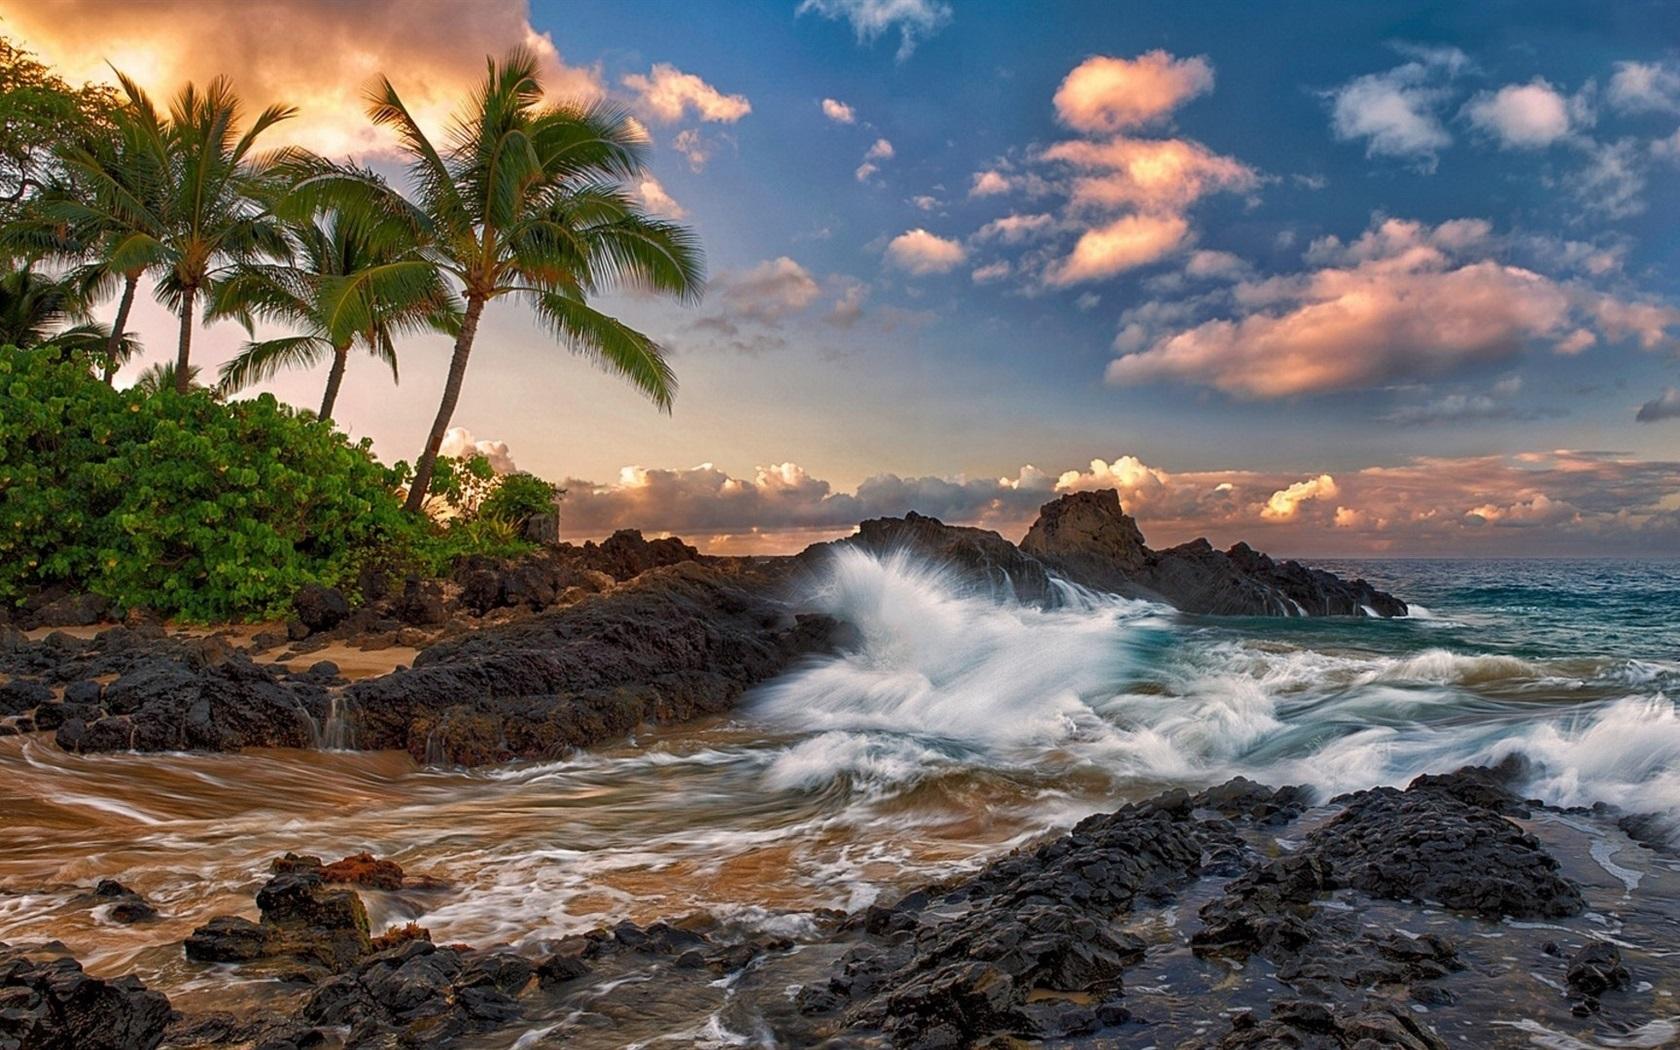 マウイ島 ハワイ 静かな 海 岩 ヤシの木 ビーチ 640x960 Iphone